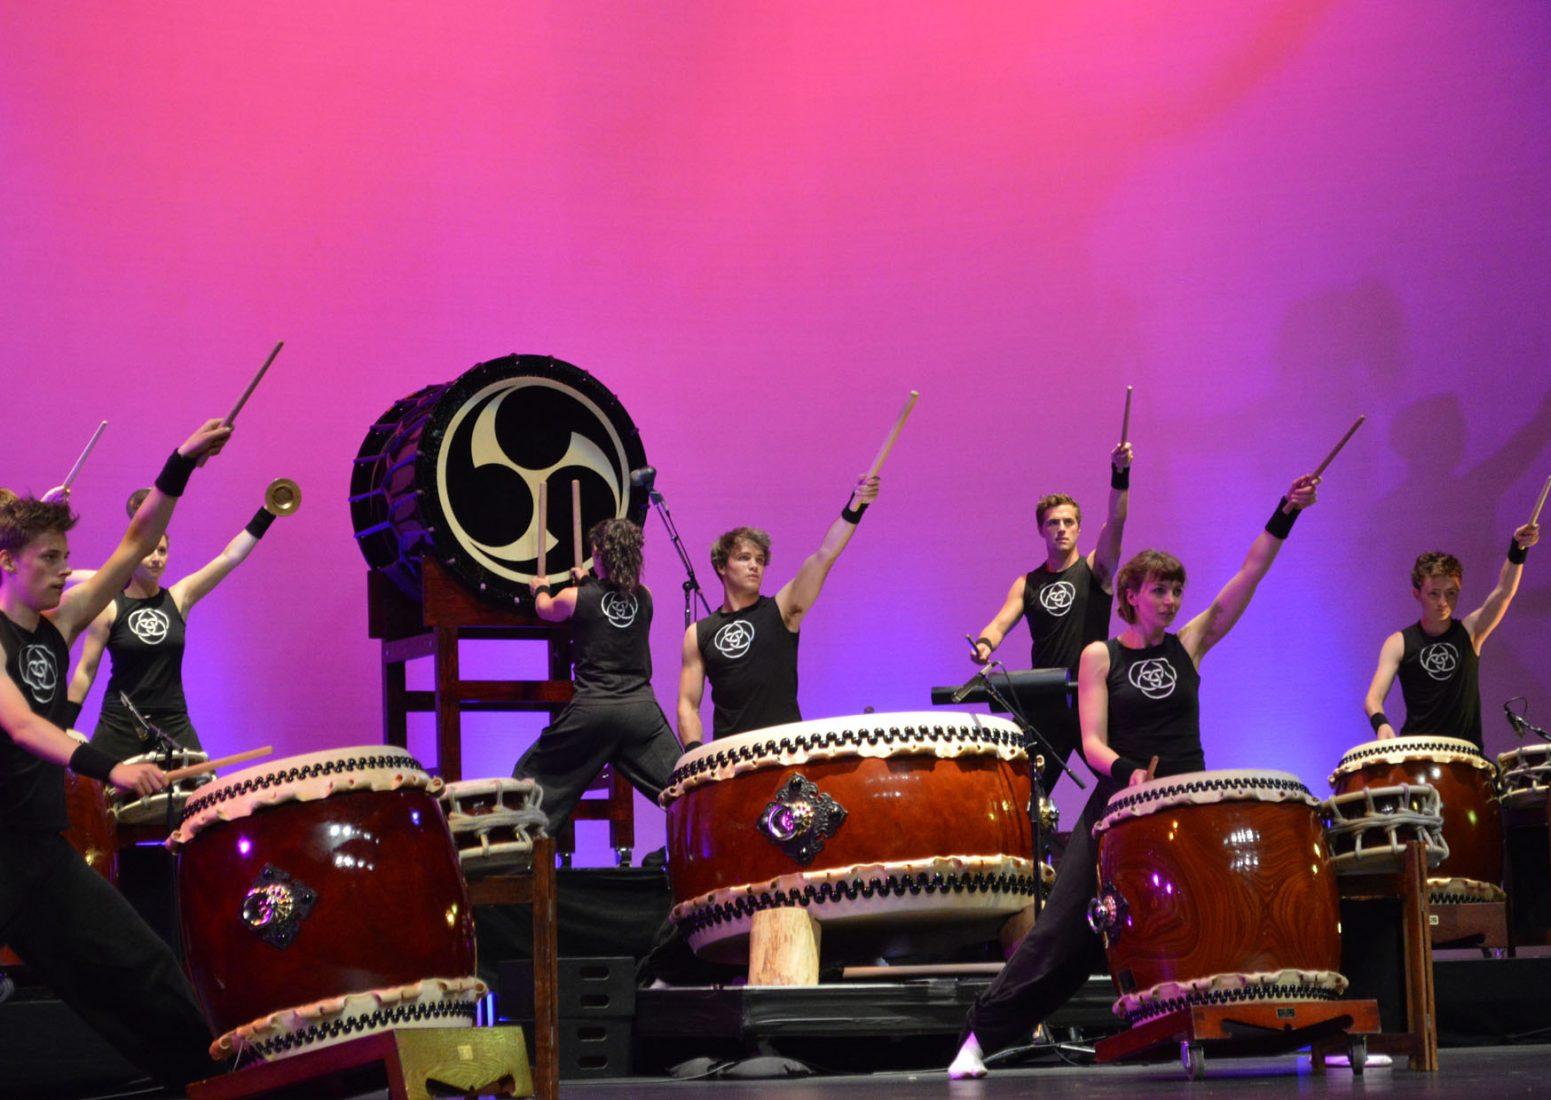 Taiko Japanese Drums Kagemusha